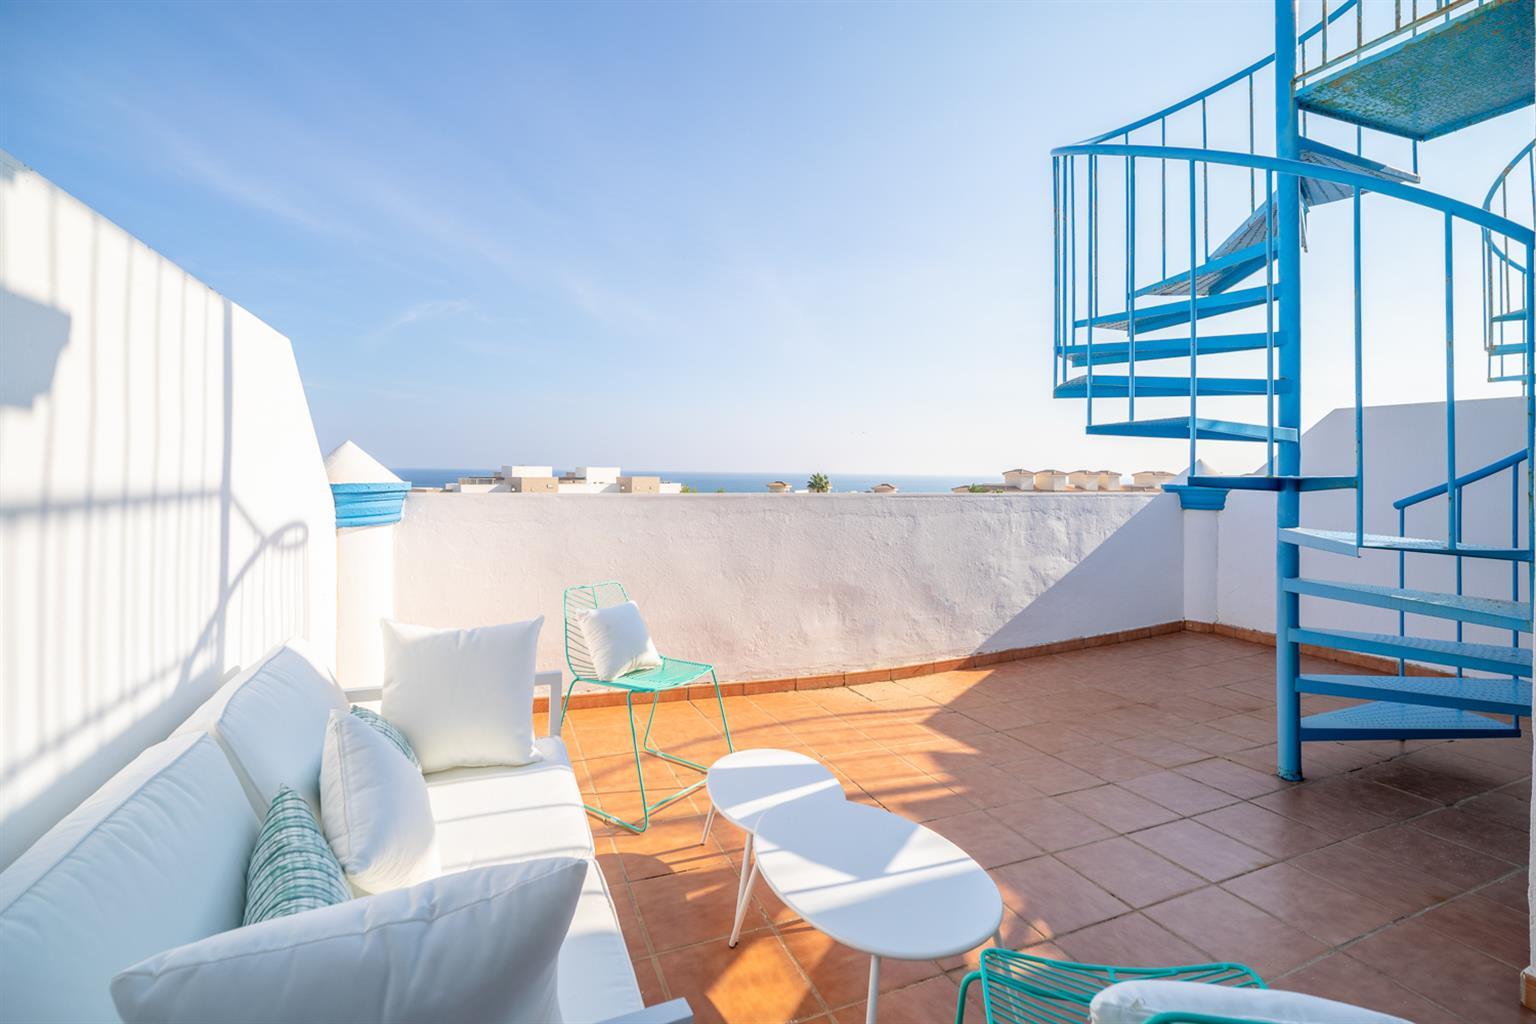 Magnifiques appartements (penthouses et rez-de-chaussée) avec des grandes superficies extérieures, avec piscines et jardins communautaires, de deux ou trois chambres.